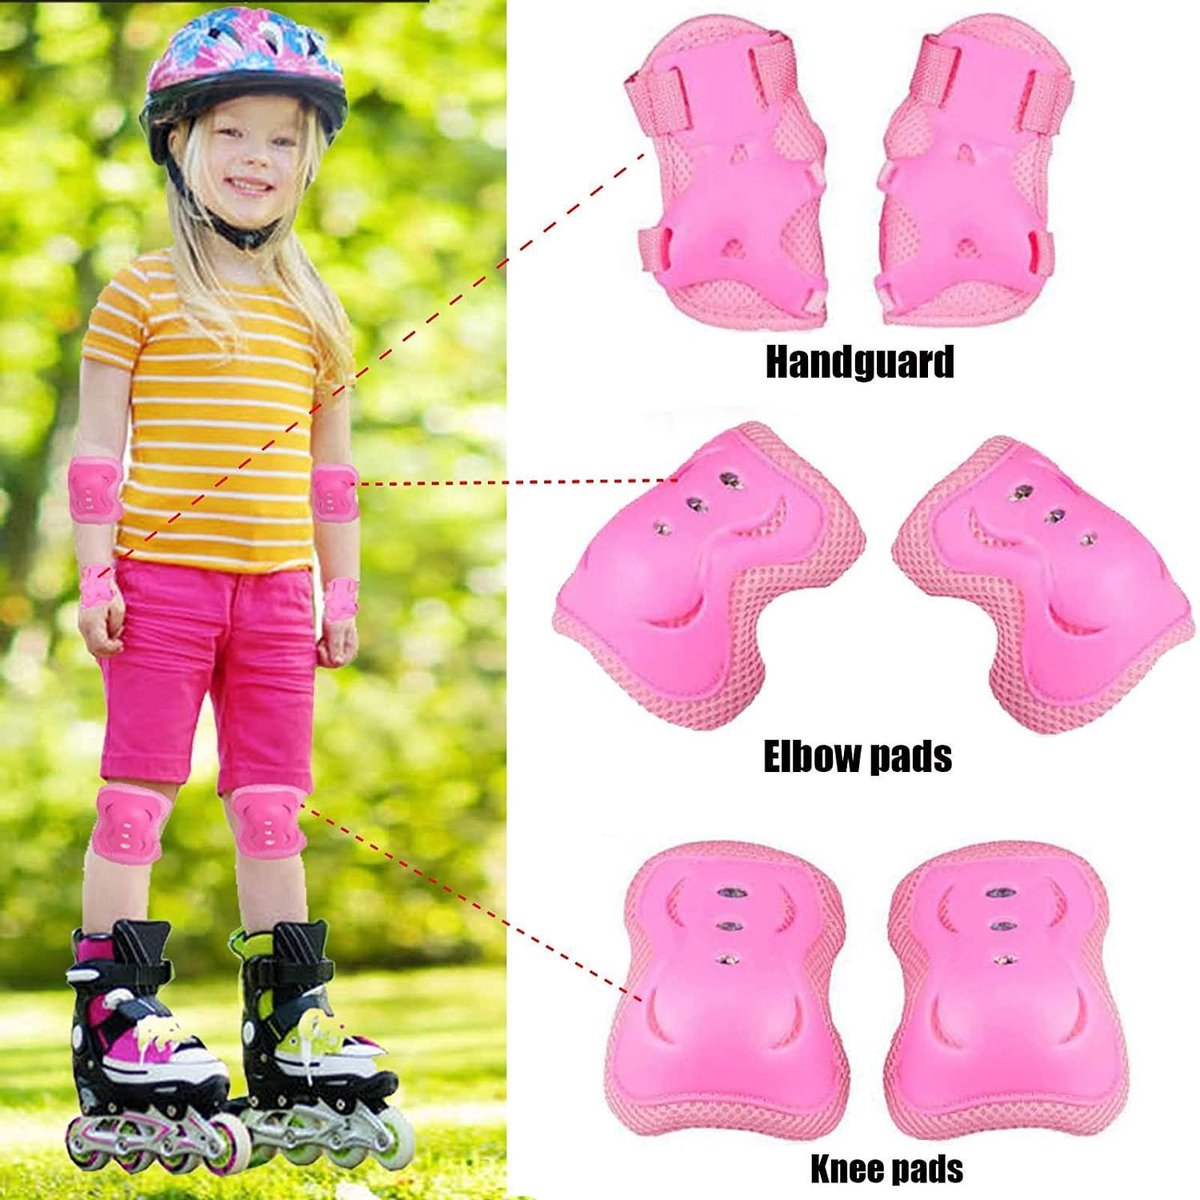 Kids Beschermende Gear Set, Kids Knie Pads Set-Knie Pad Elleboog Pols Pads Verstelbare 6 in 1 Veiligheid voor Kinderen Schaatsen Skateboarding Scooter Fietsen Fiets BMX Sport